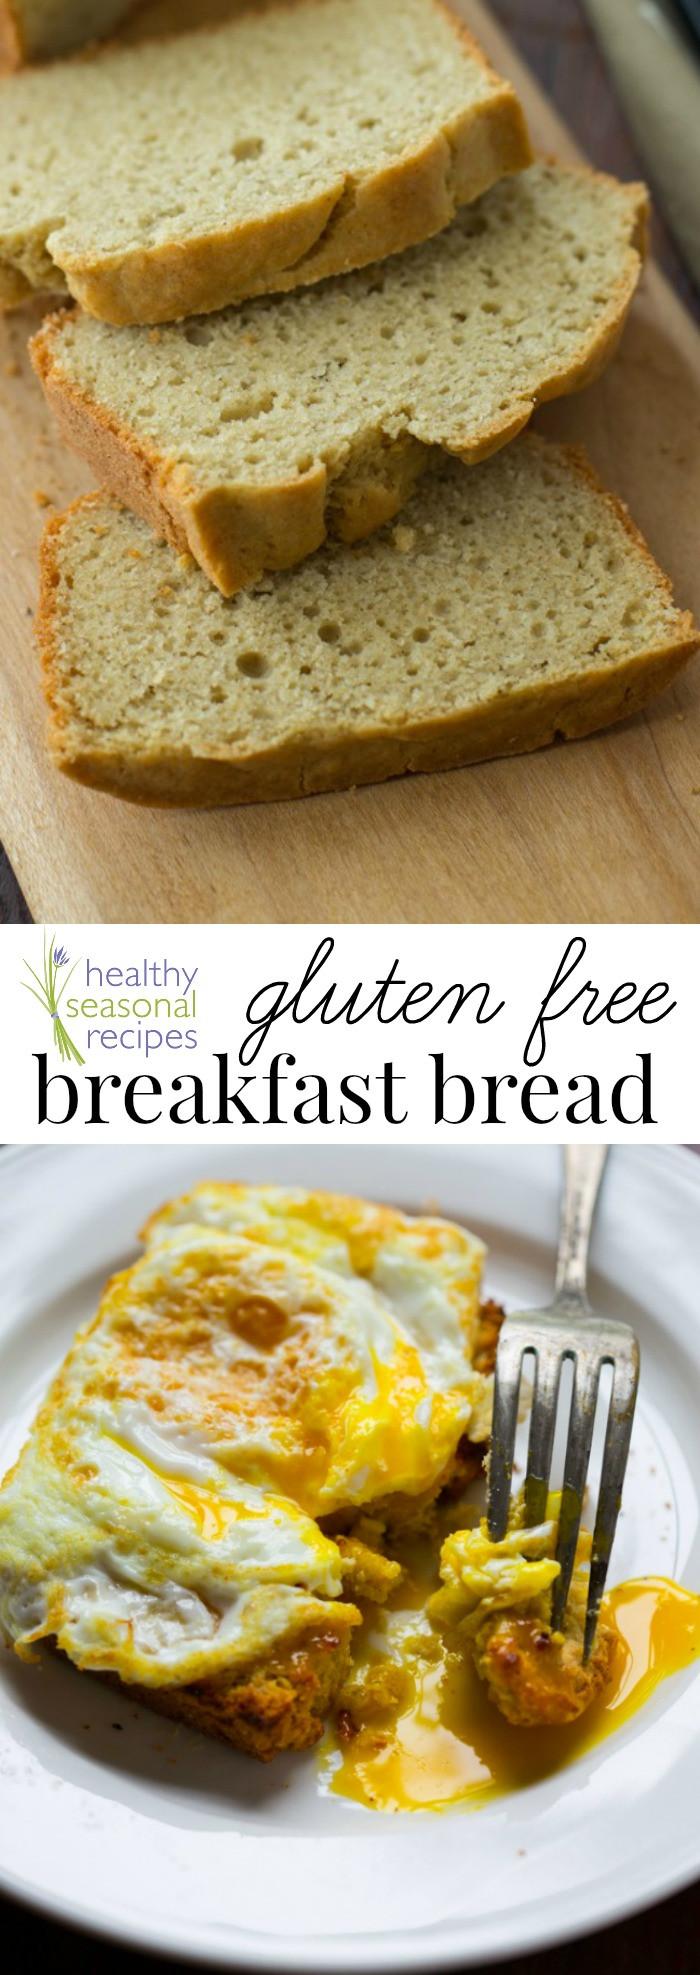 Healthy Gluten Free Breakfast Ideas  gluten free breakfast bread Healthy Seasonal Recipes